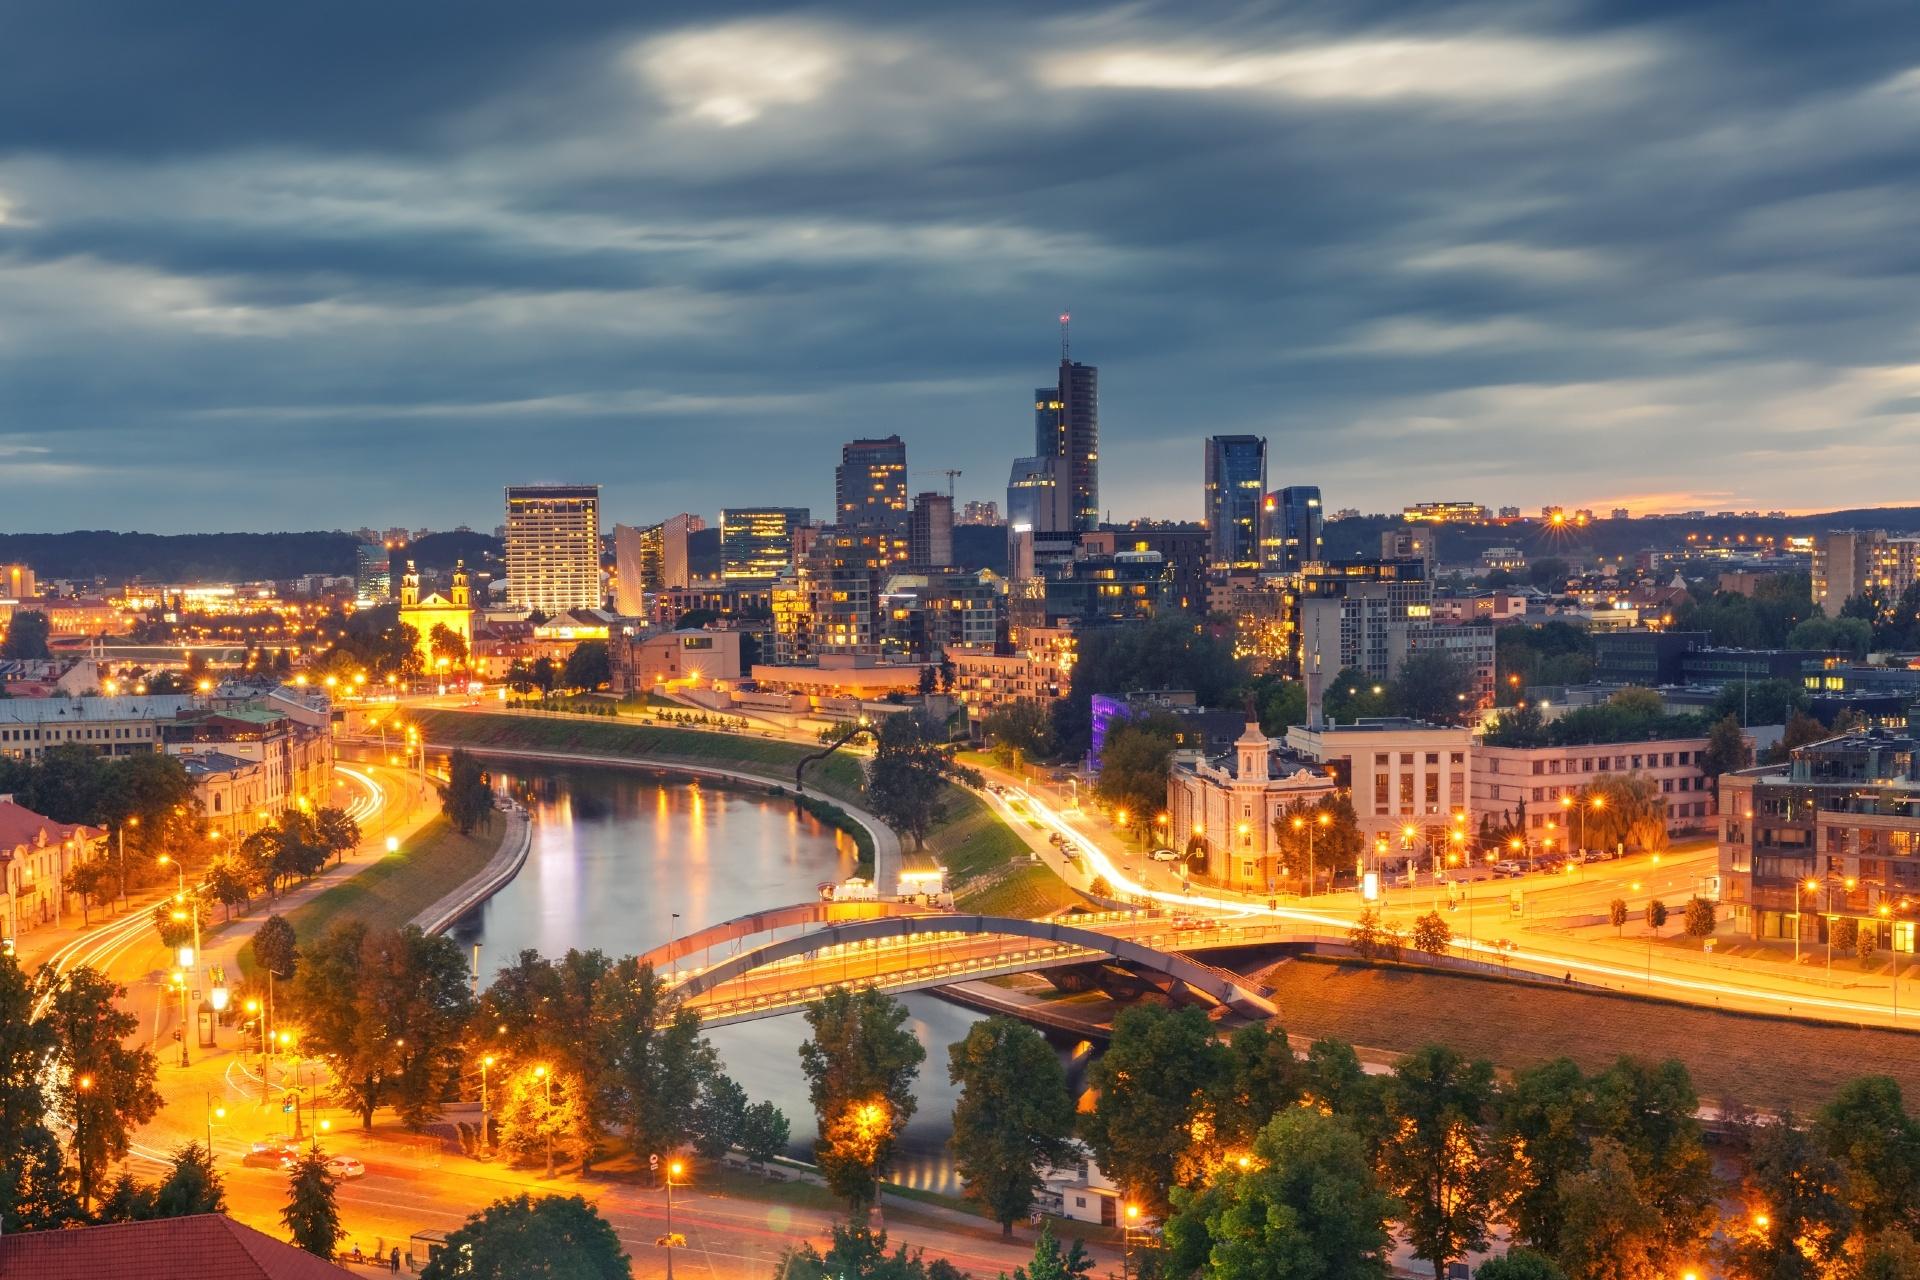 夕暮れのビリニュスの街並み リトアニアの風景